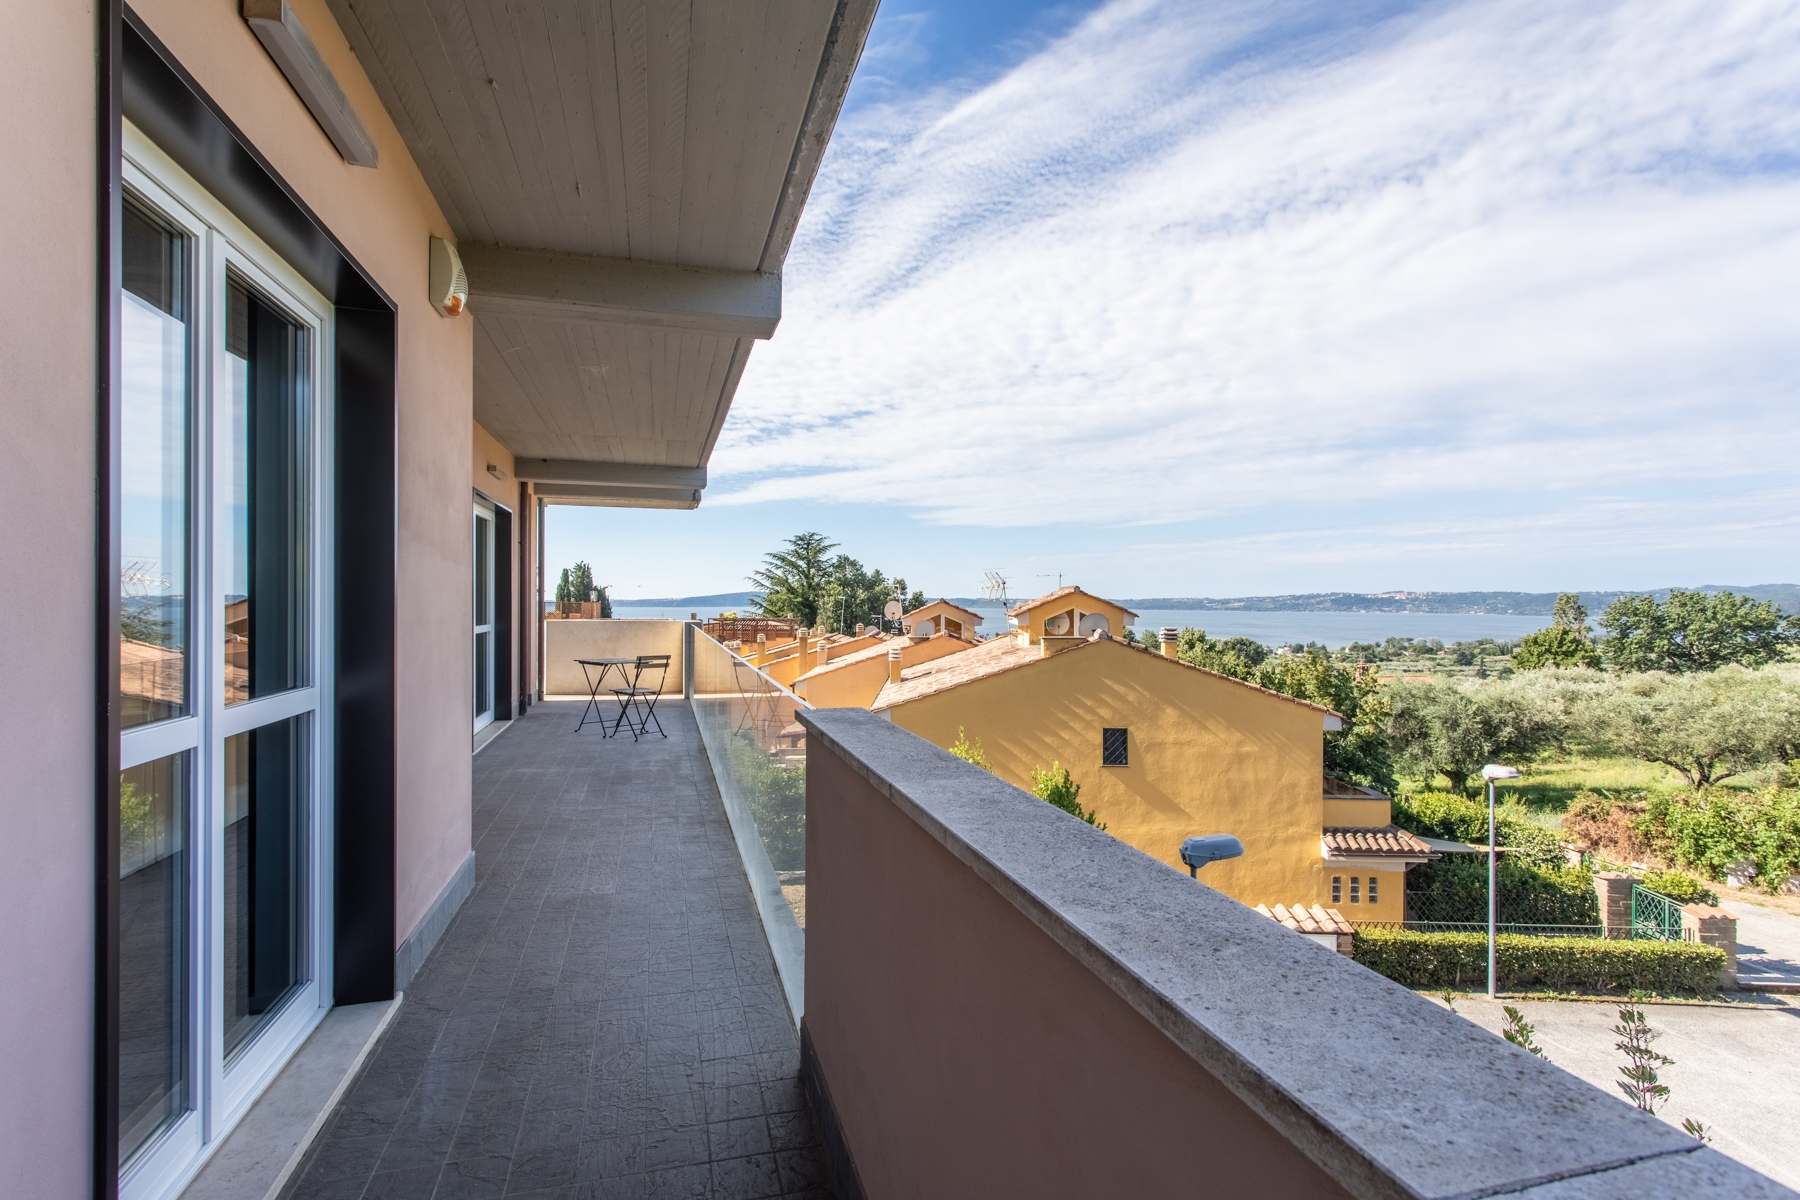 Appartamento in Vendita a Trevignano Romano: 4 locali, 100 mq - Foto 8